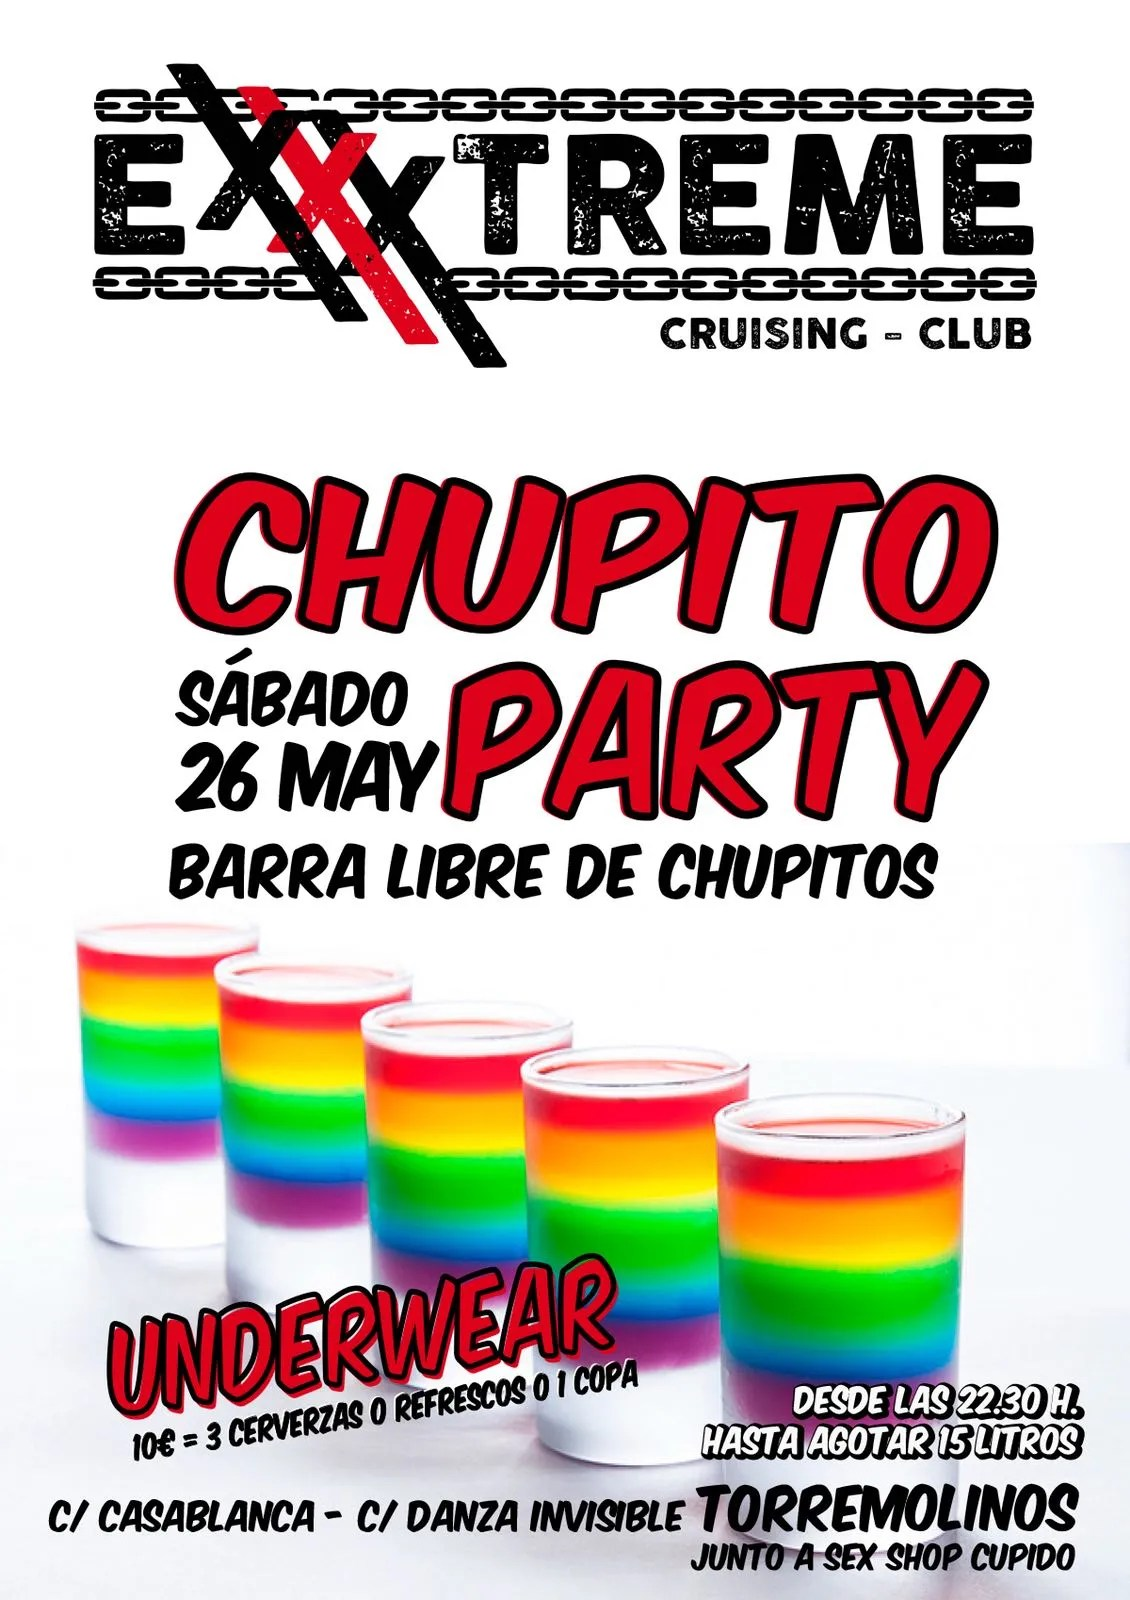 26 de mayo chupito party